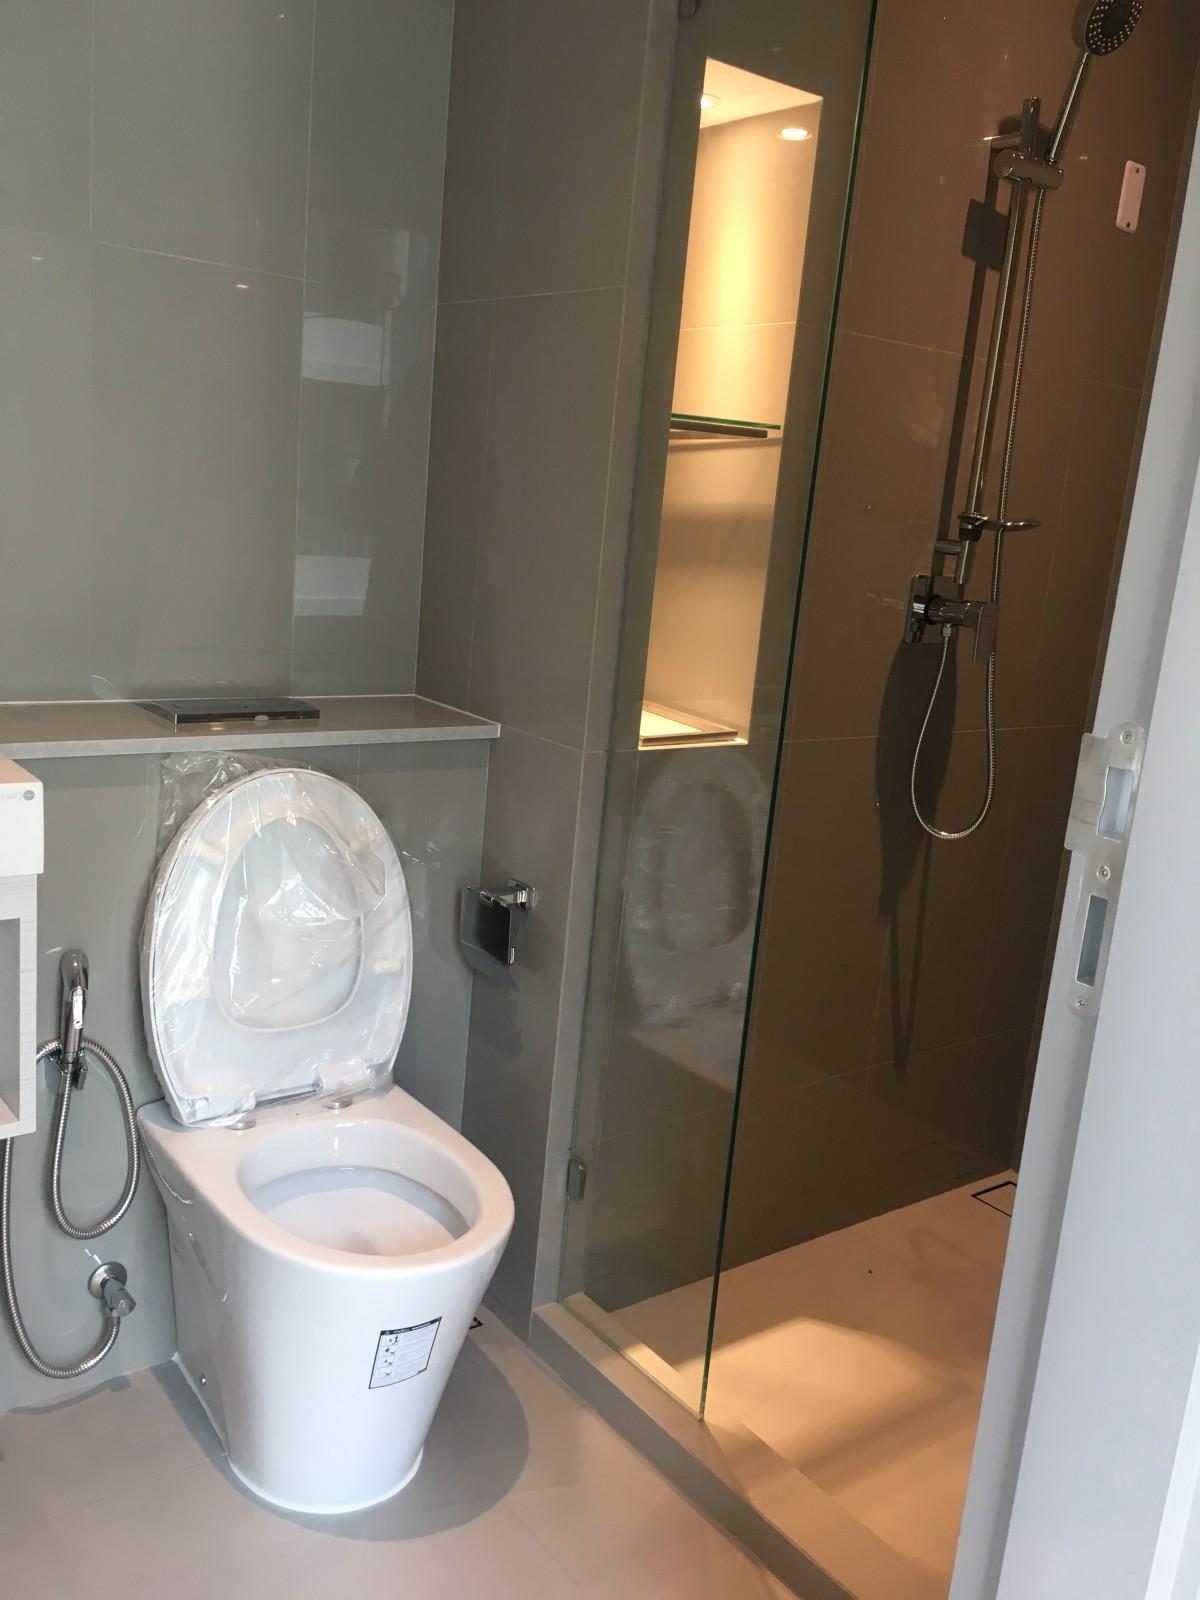 รูปของประกาศขายดาวน์คอนโดวิสซ์ดอม สเตชั่น รัชดา-ท่าพระ(1 ห้องนอน)(3)